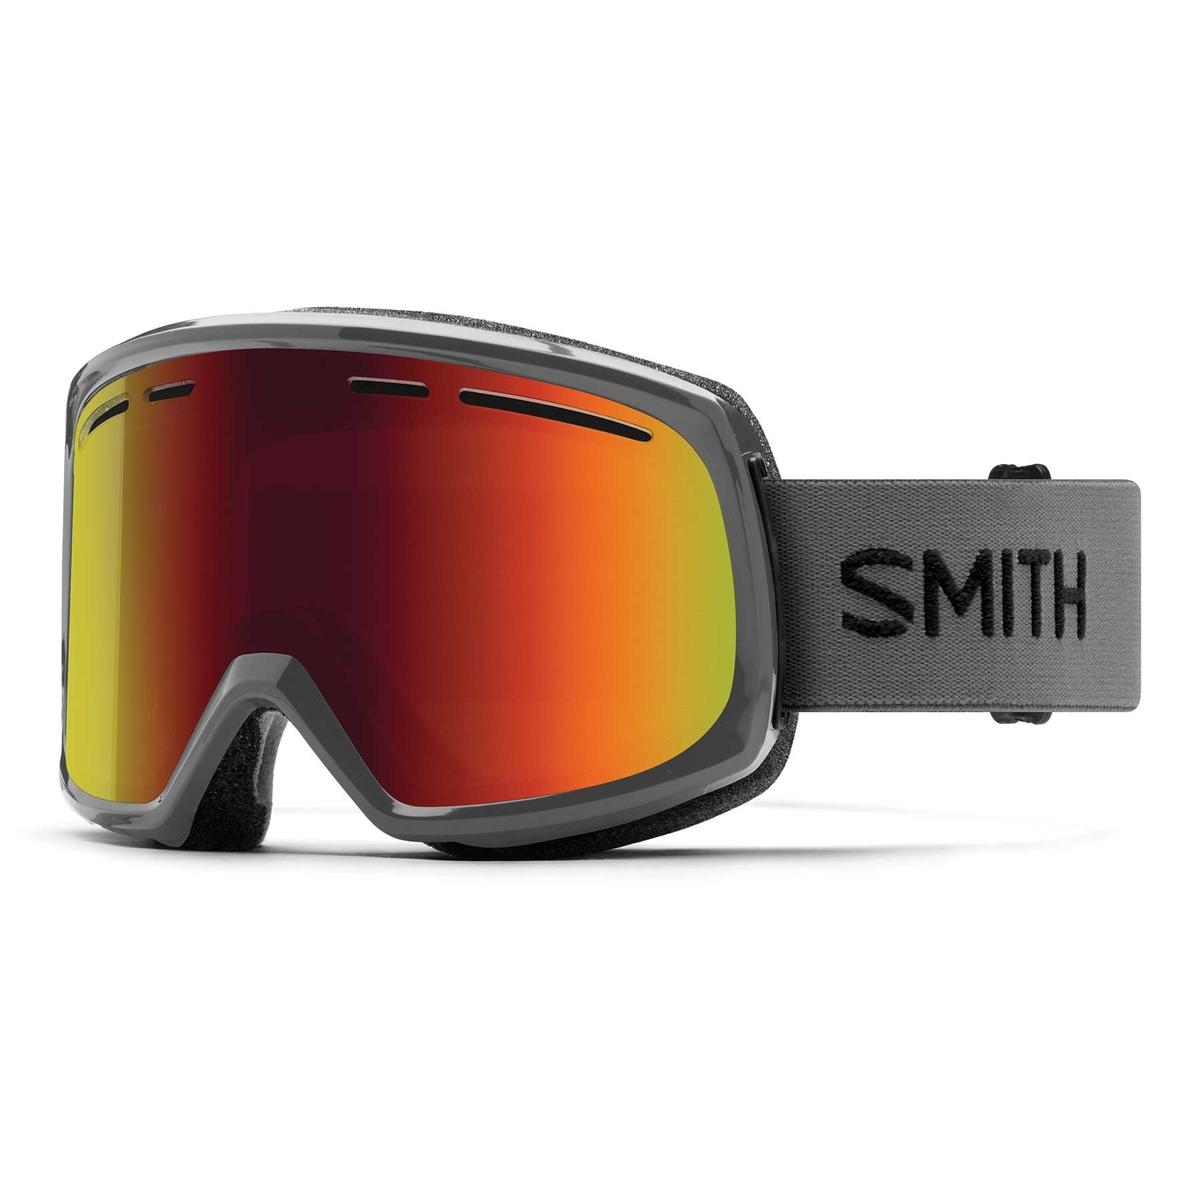 Prezzi Smith maschera range